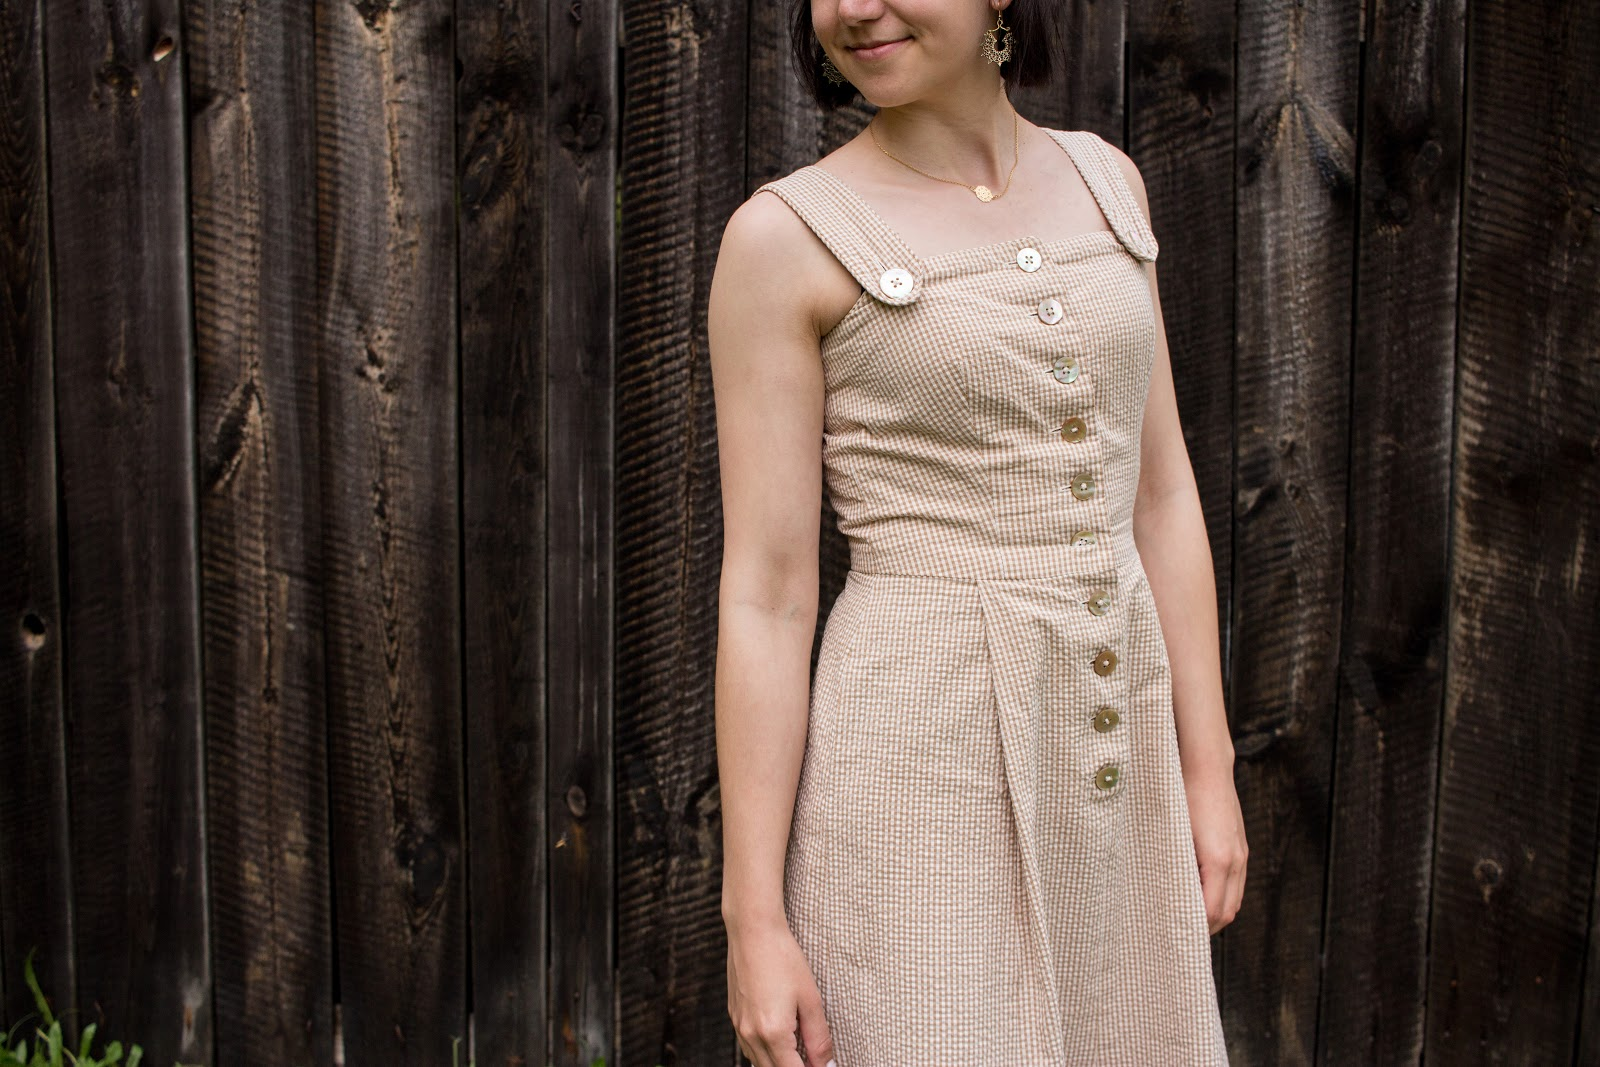 Refashion Ideen - Was nicht passt, wird passend gemacht - Aus alt mach neu - Kleid einfach und schnell kürzen